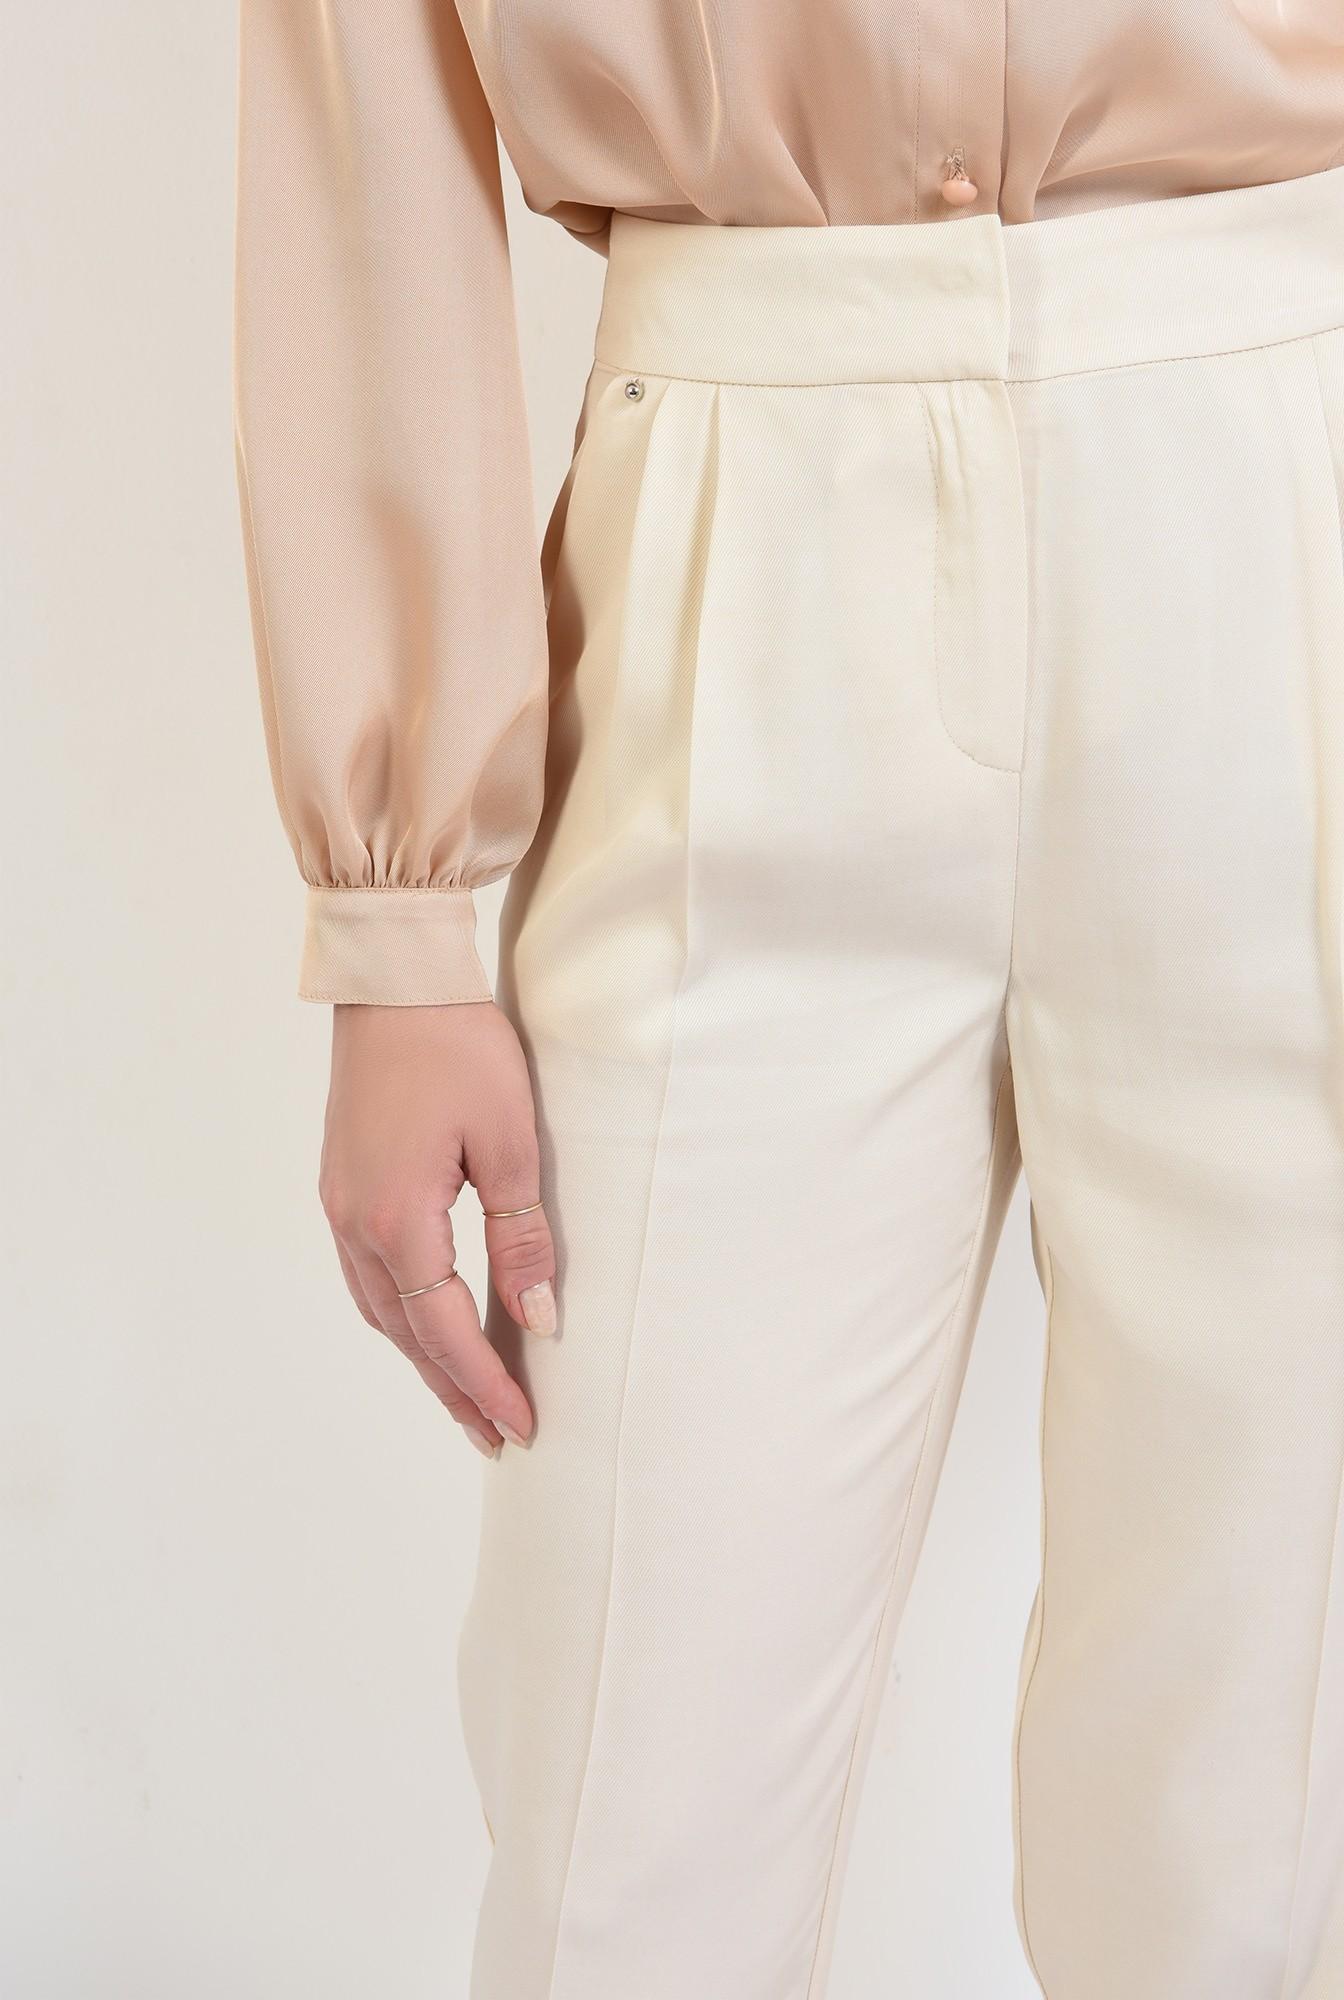 2 - 360 - pantaloni casual, crem, conici, cu pense, Poema